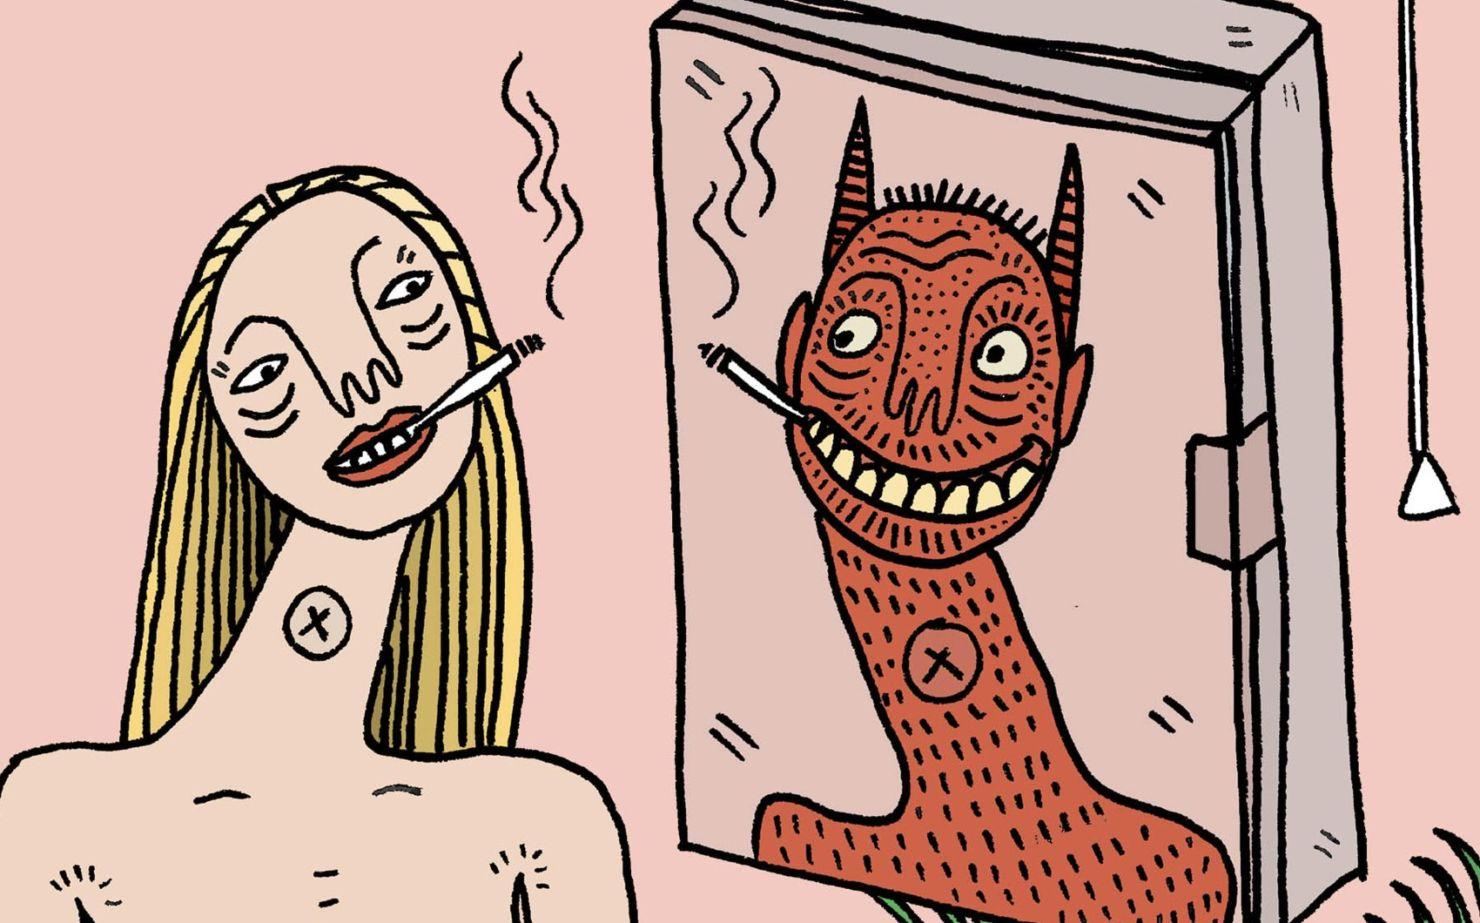 Conoce las ilustraciones de Polly Nor ¿realidad o ficción?